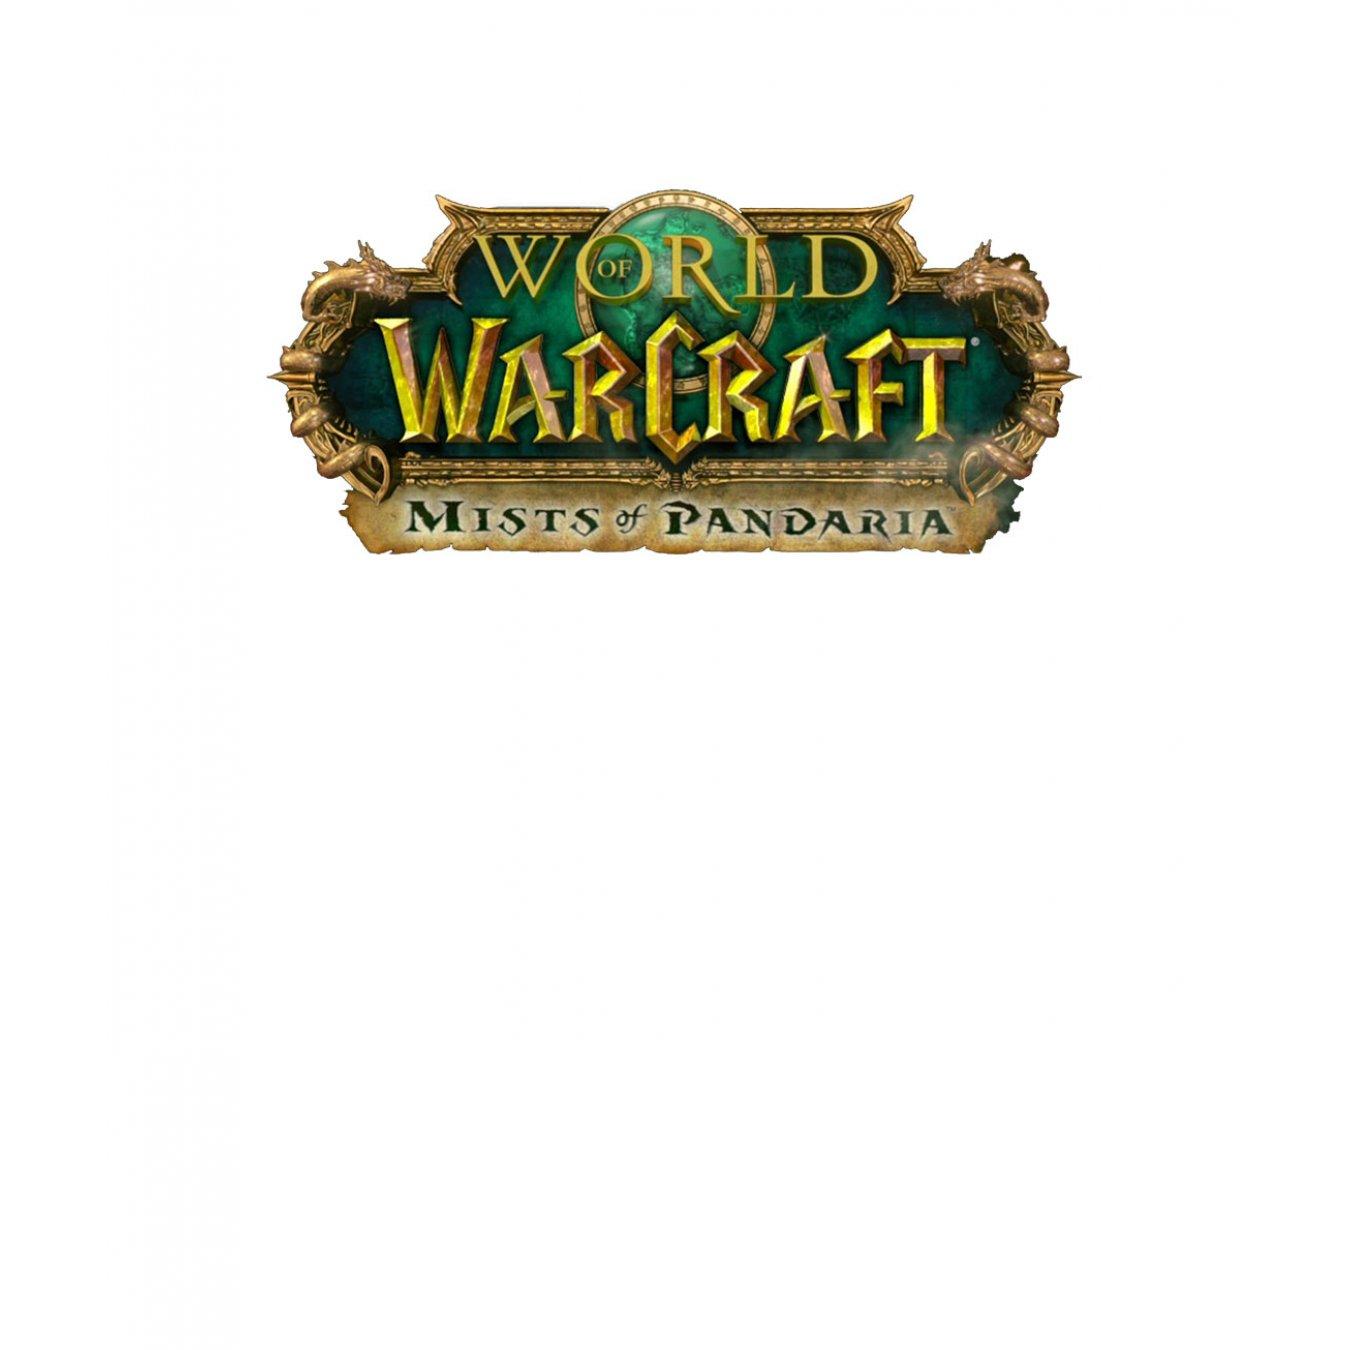 fb617d93b8c Тениска WOW - World of WarCraft Бяла - с оригиналното лого на Mists of  Pandaria в